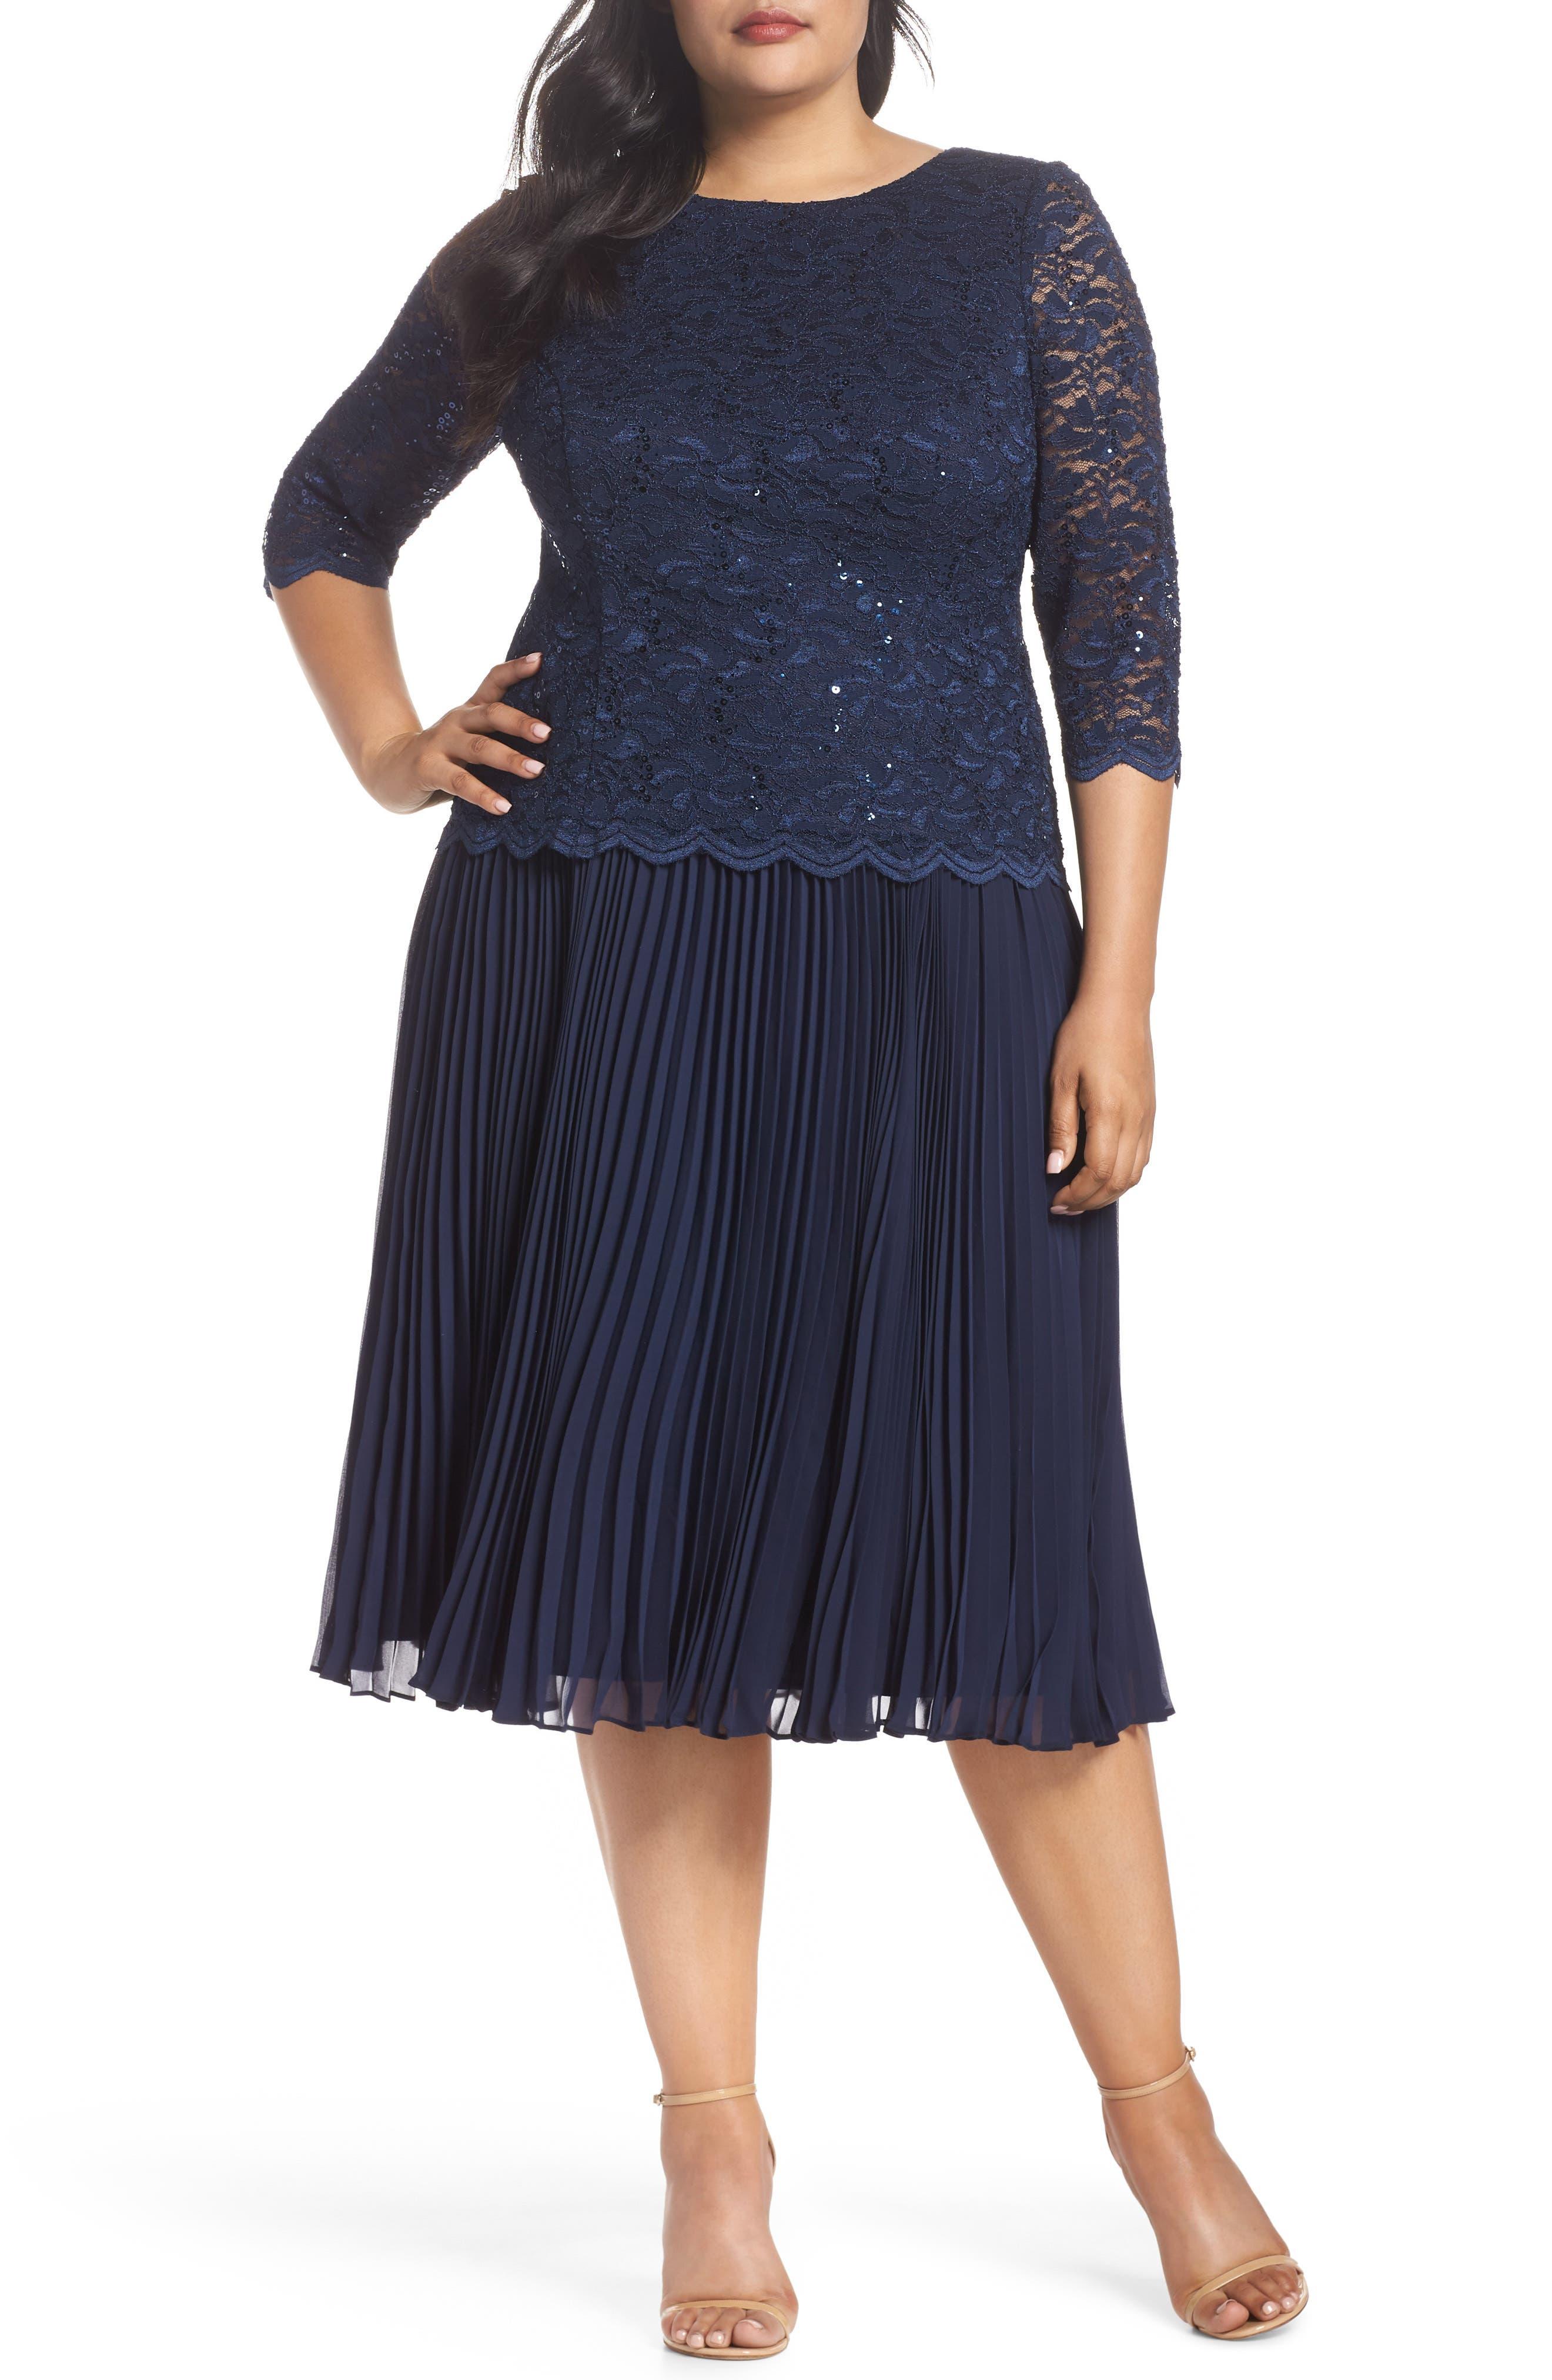 Plus Size Vintage Dresses, Plus Size Retro Dresses Plus Size Womens Alex Evenings Mock Two-Piece Tea Length Dress $143.40 AT vintagedancer.com